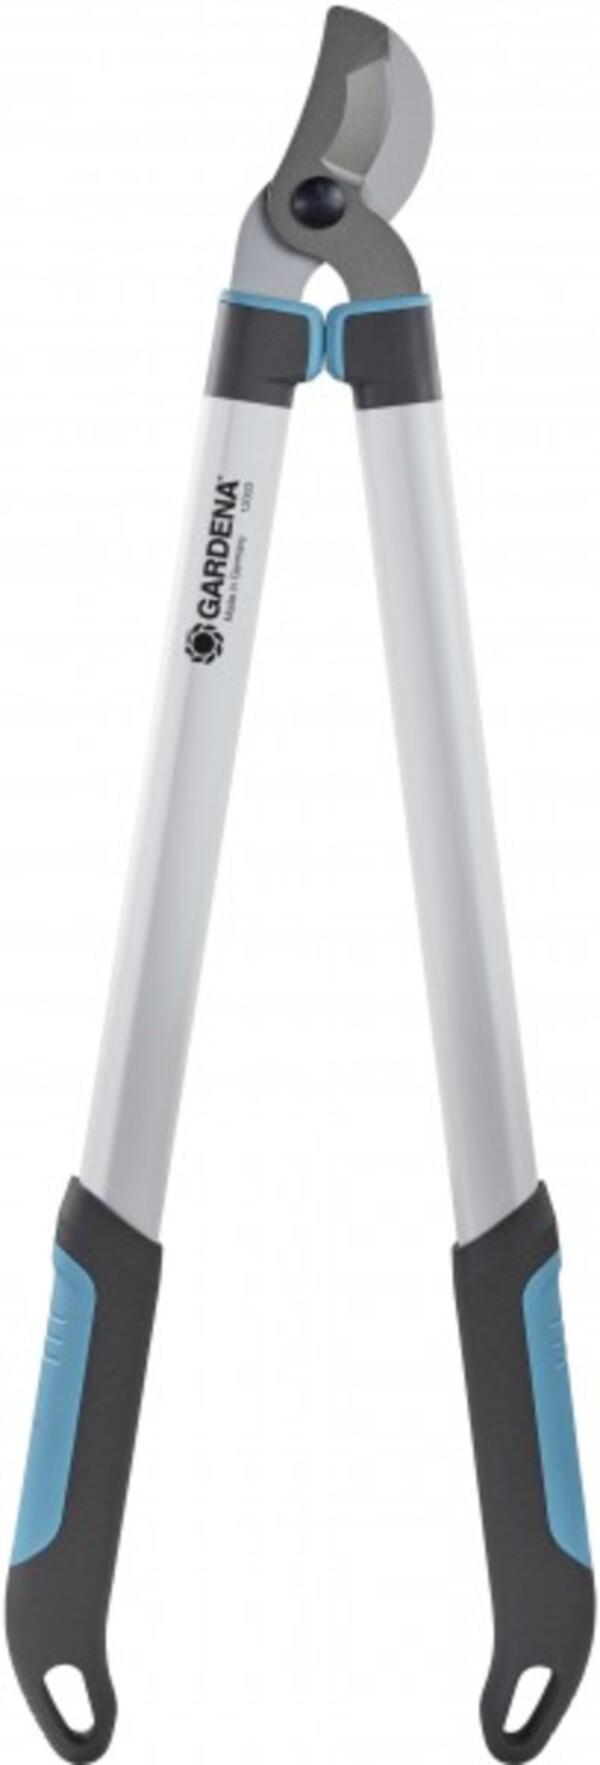 Gardena Astschere EasyCut 680 B ,  bis zu Ø 42 mm Schnittstärke, 12003-20